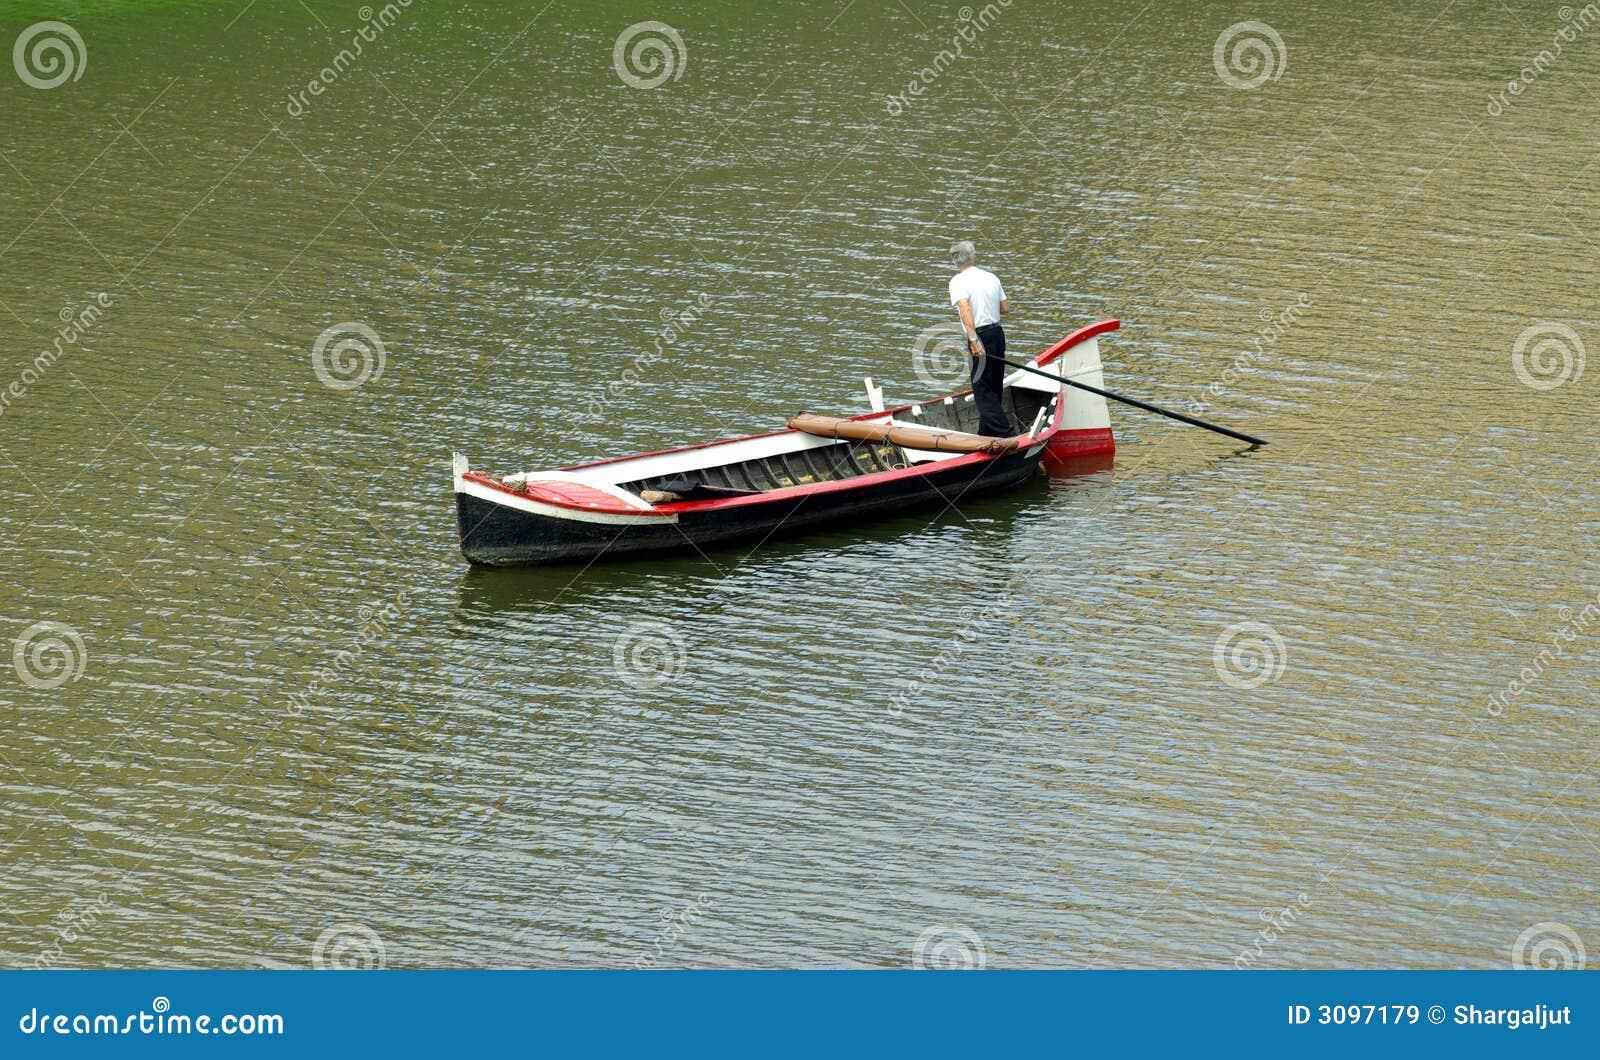 Boatman in Italy